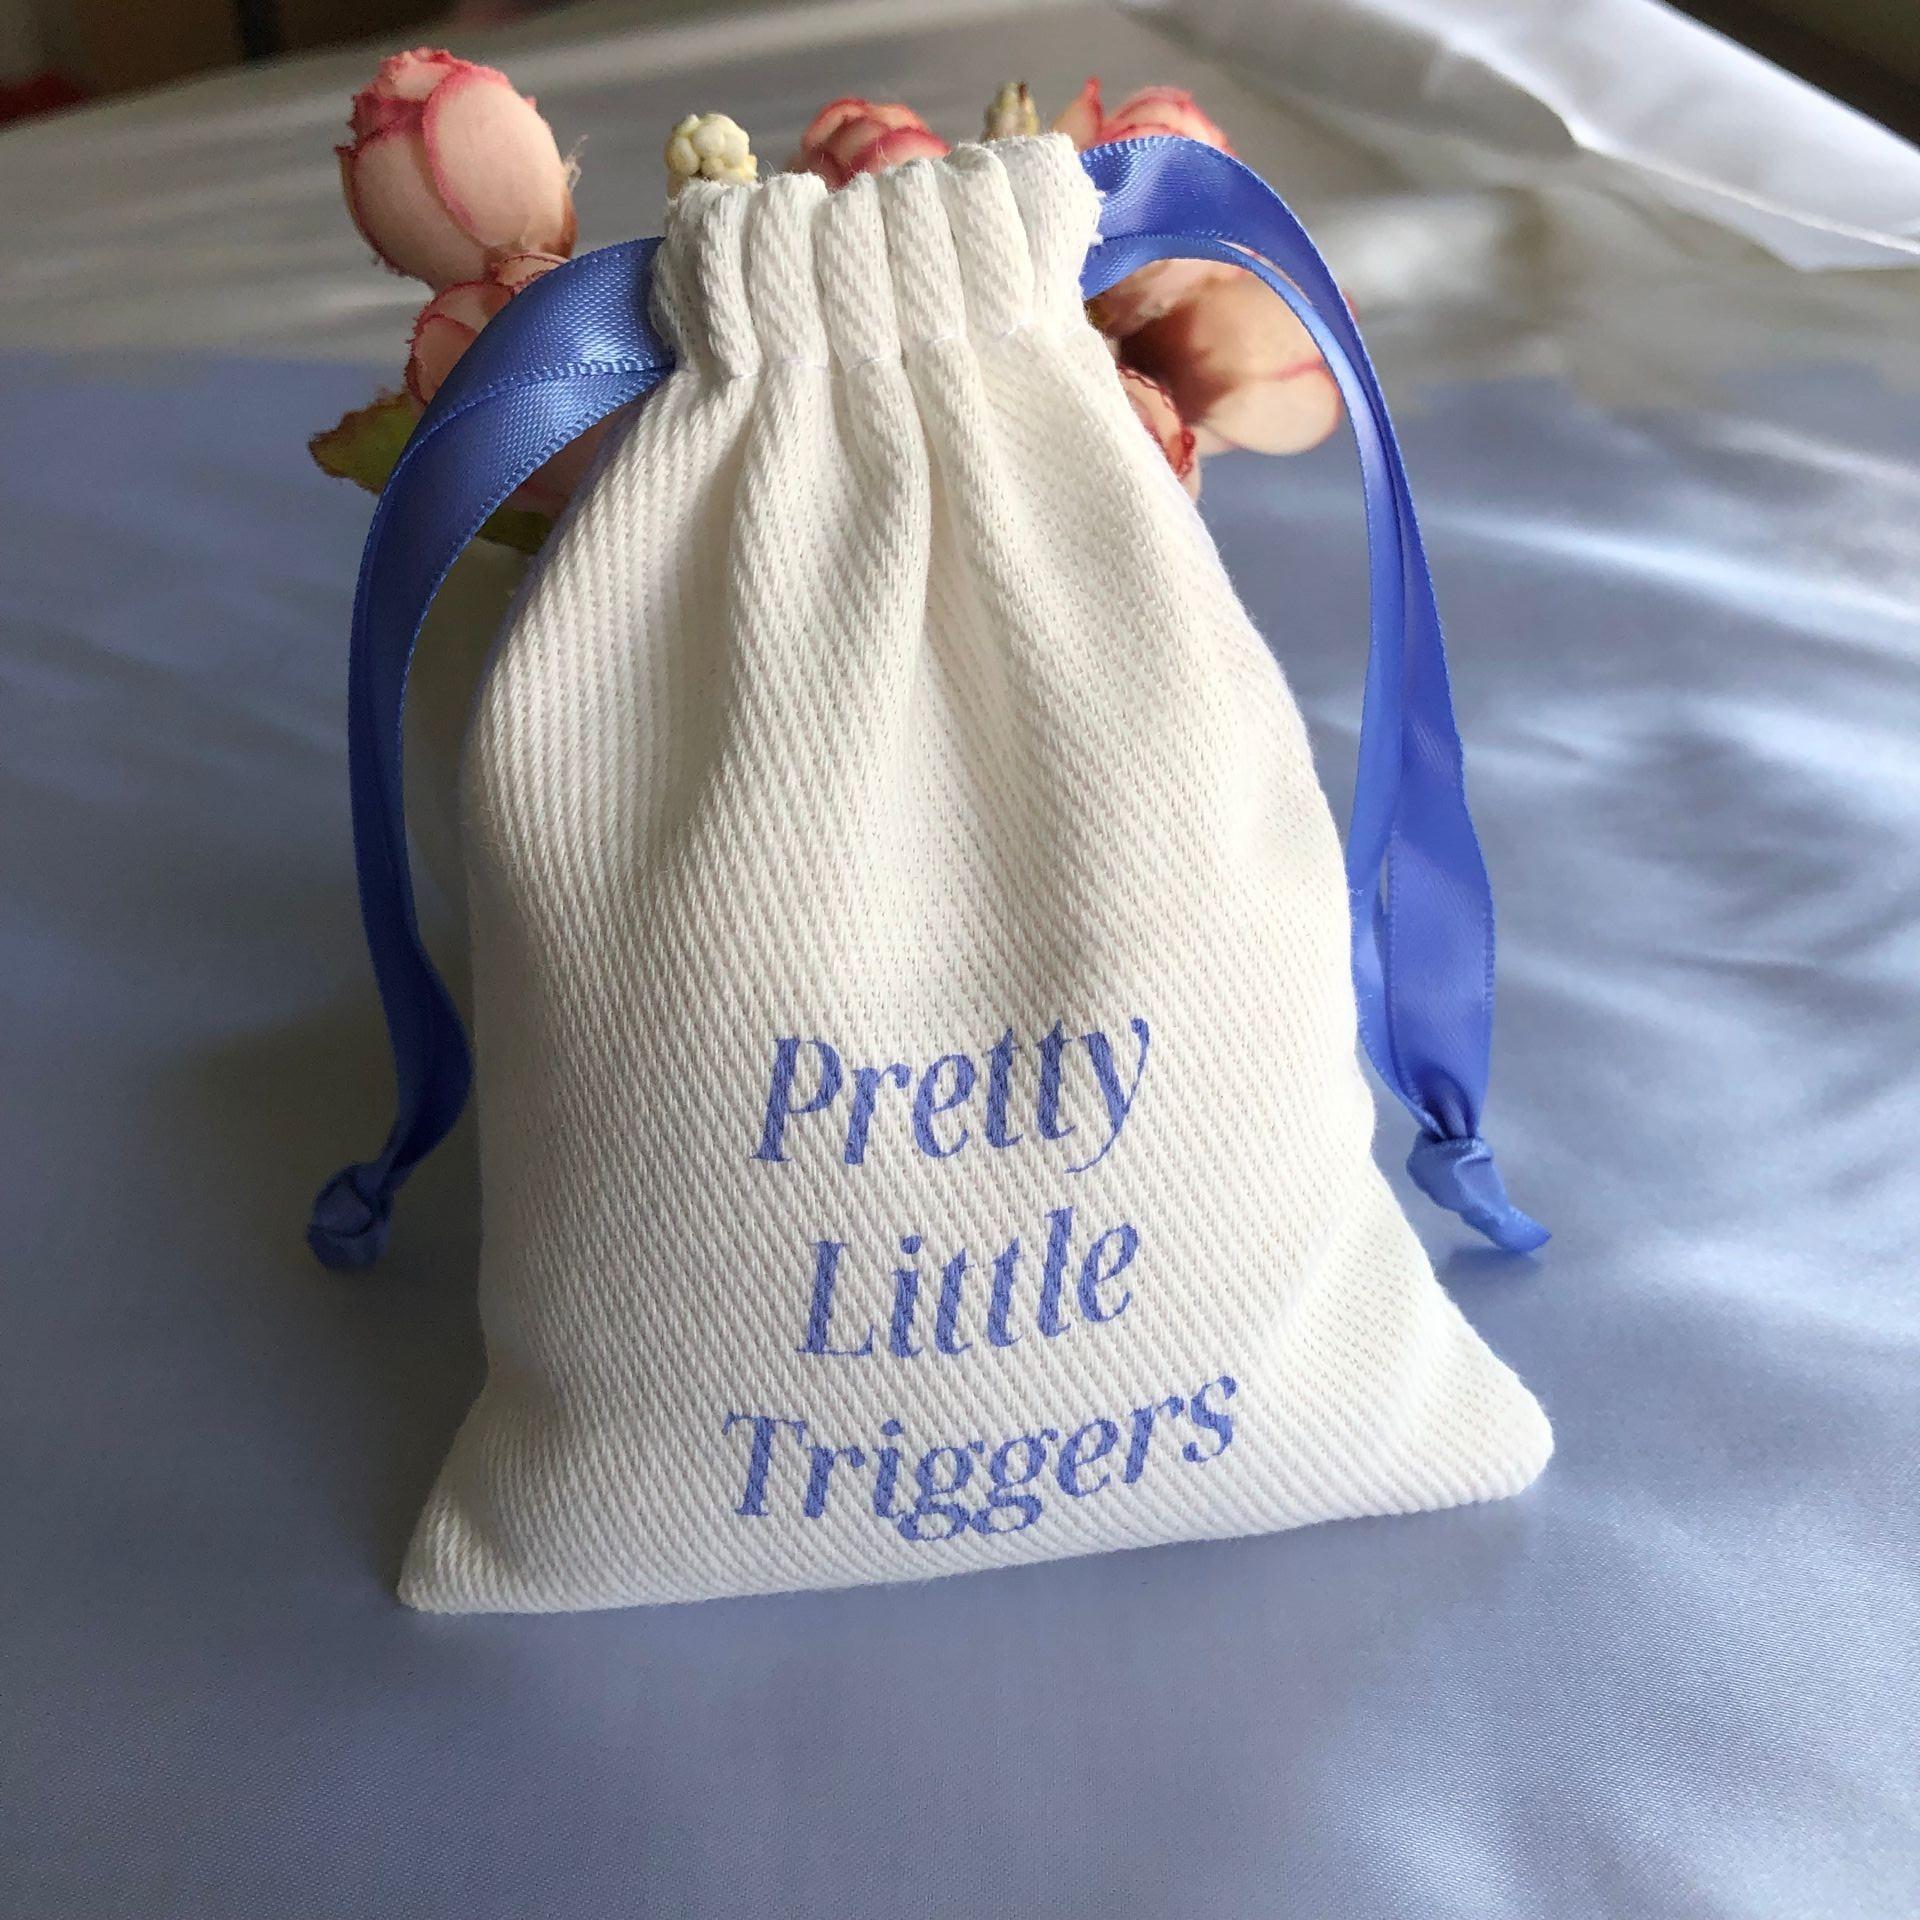 Оптовая продажа, саржевая ткань из органического хлопка, сумка на шнурке из хлопка, саржевая подарочная упаковка